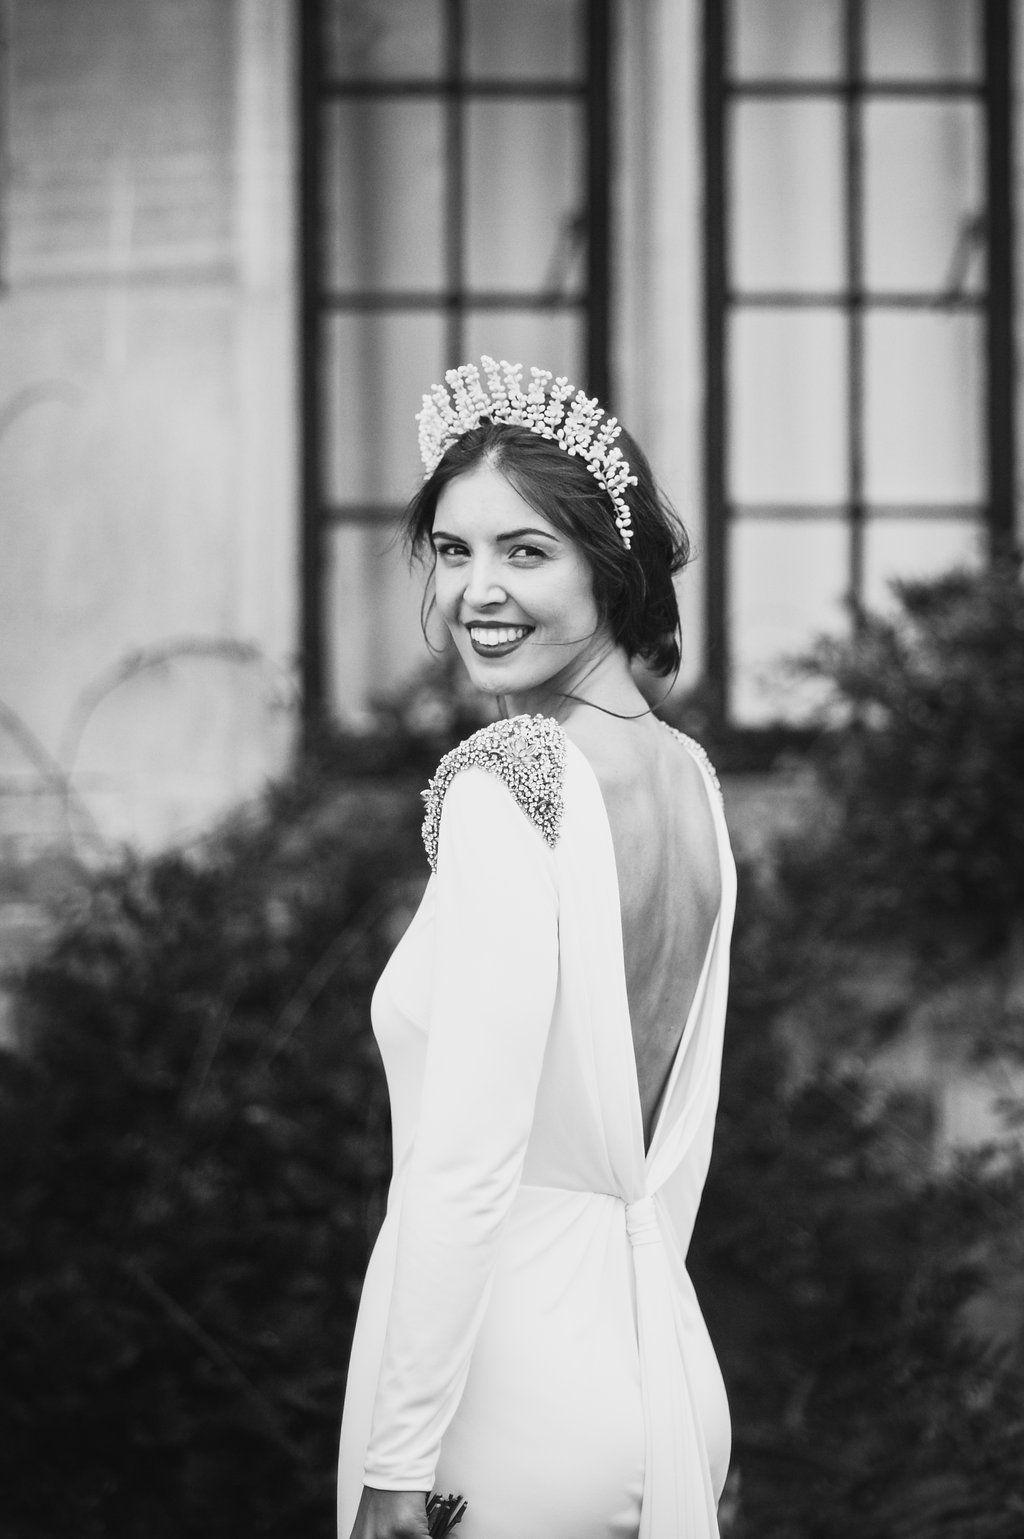 La boda de Ylenia y Juan - My Valentine Fotografía: Pelayo Lacazette ...